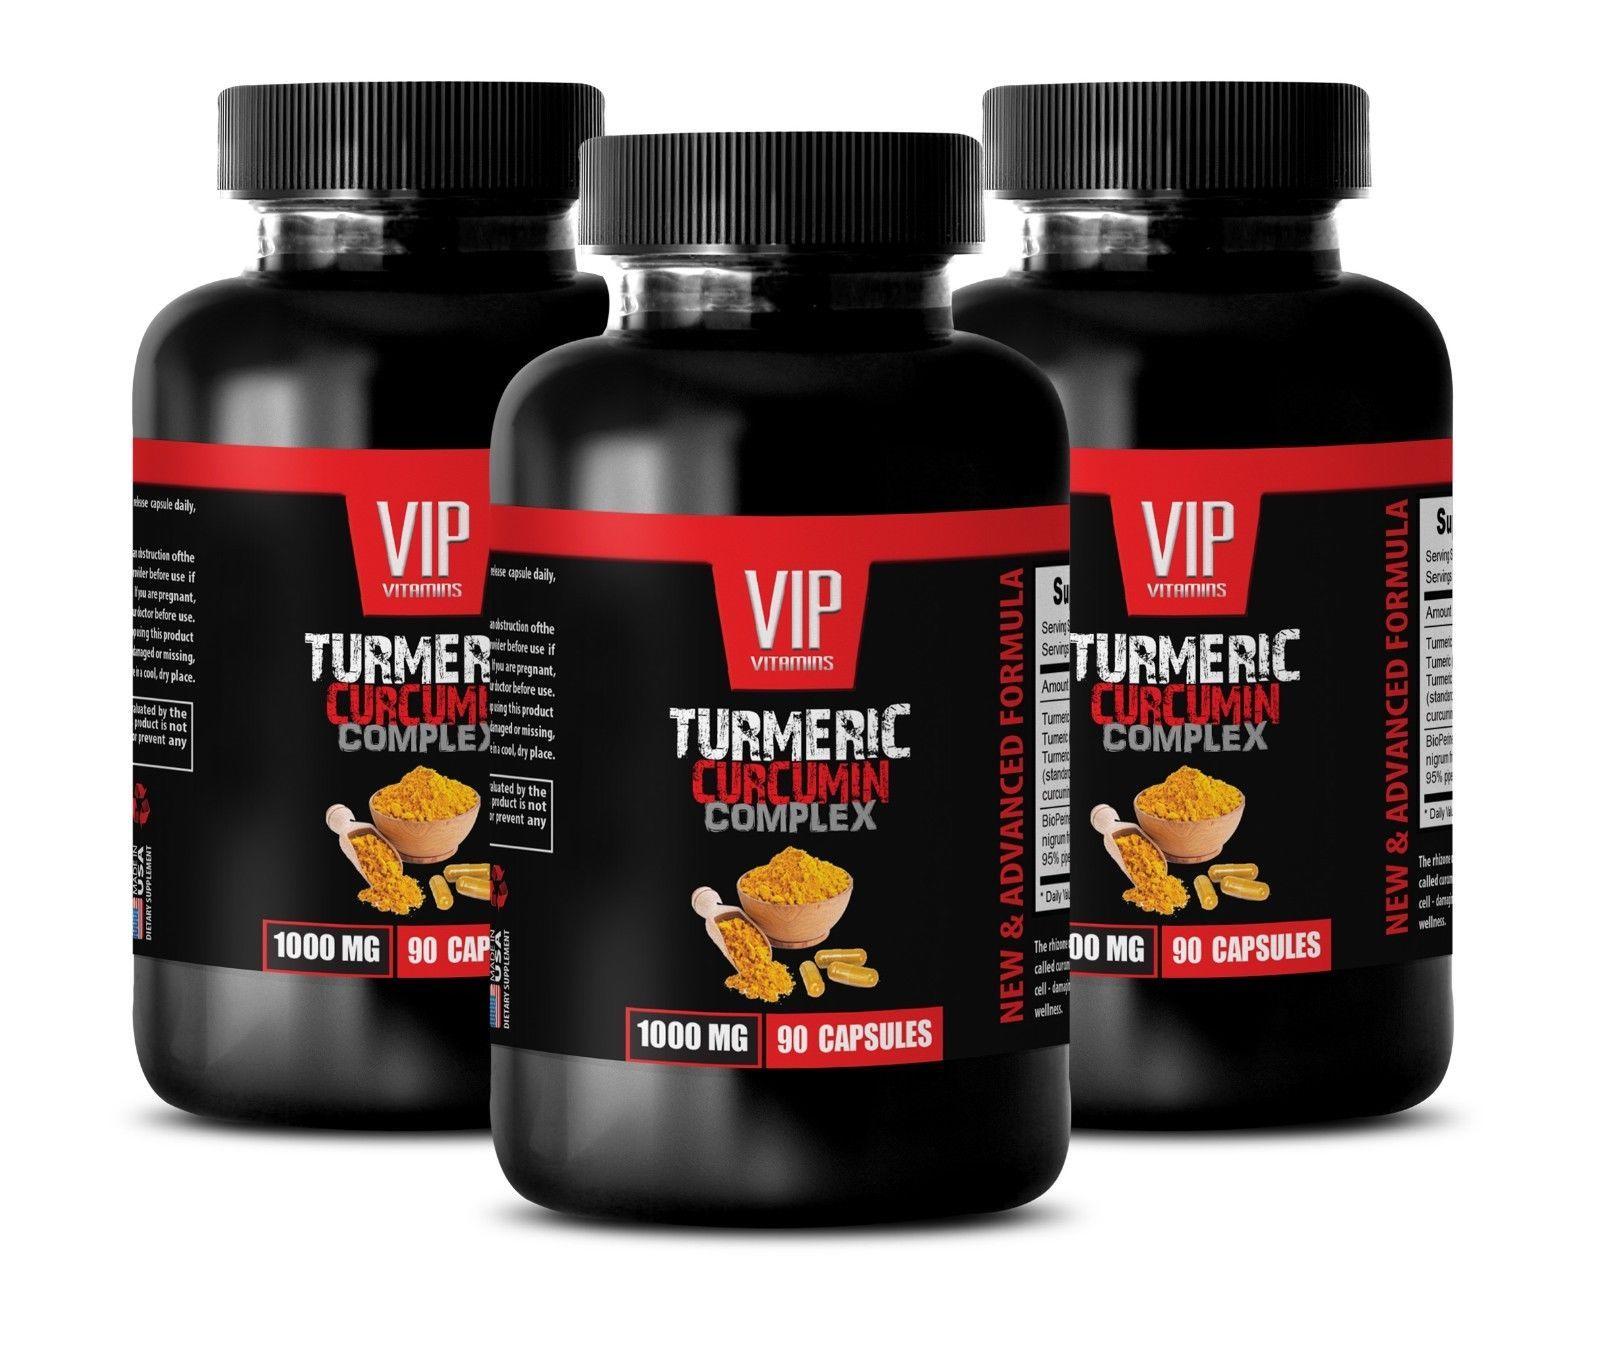 anti inflammatory pill - TURMERIC CURCUMIN 1000MG 3B - turmeric spice - $65.44